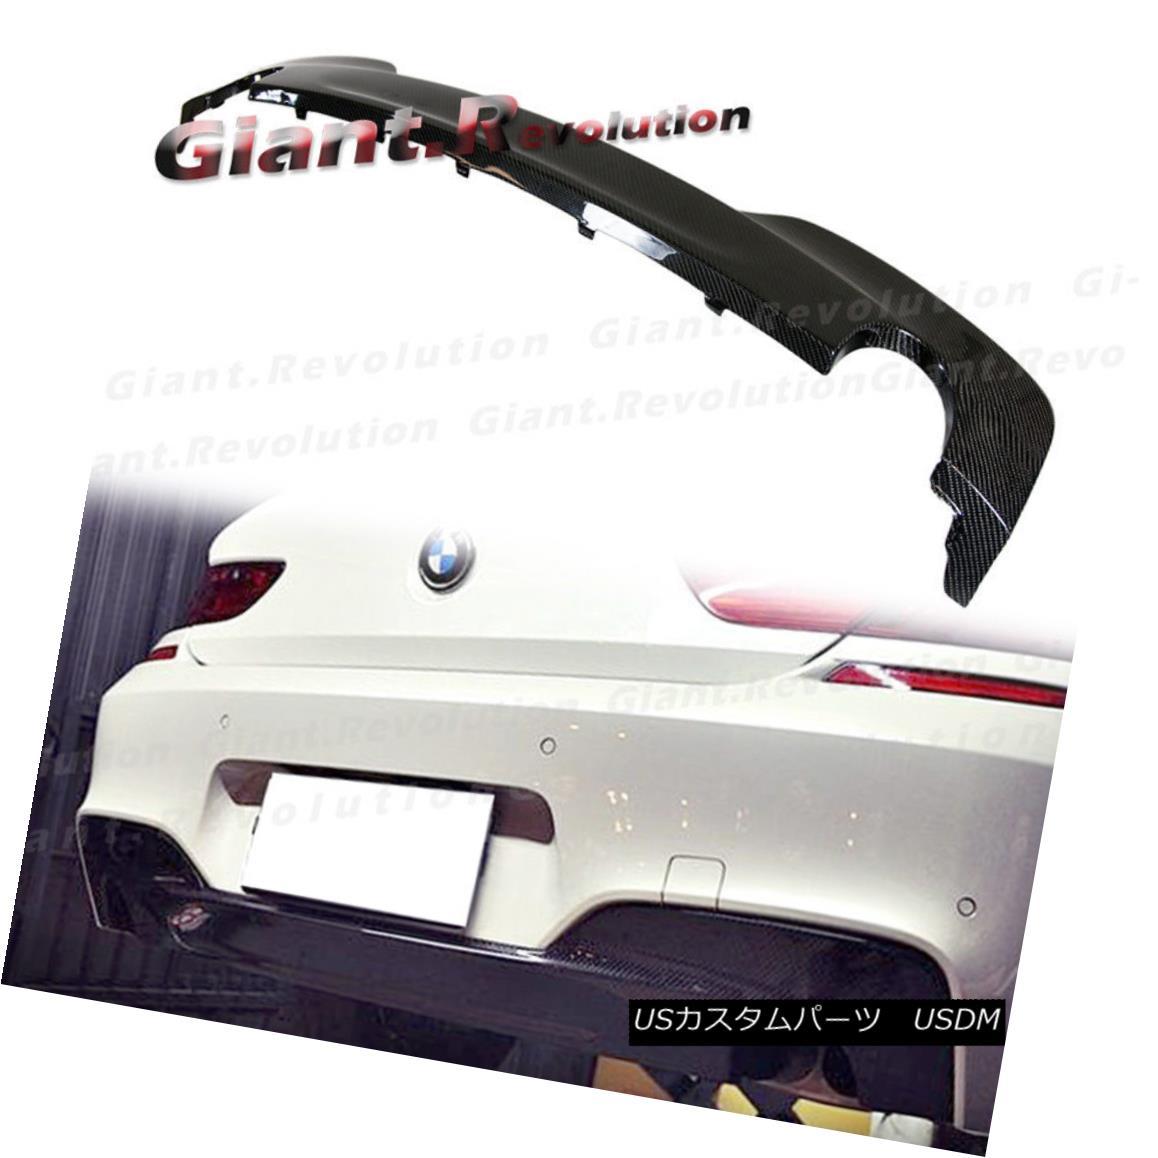 エアロパーツ Carbon Fiber Exchange Lower OE Diffuser Fit 12-16 BMW F06 F12 F13 M Sport Bumper カーボンファイバー交換式低OEディフューザーフィット12-16 BMW F06 F12 F13 Mスポーツバンパー